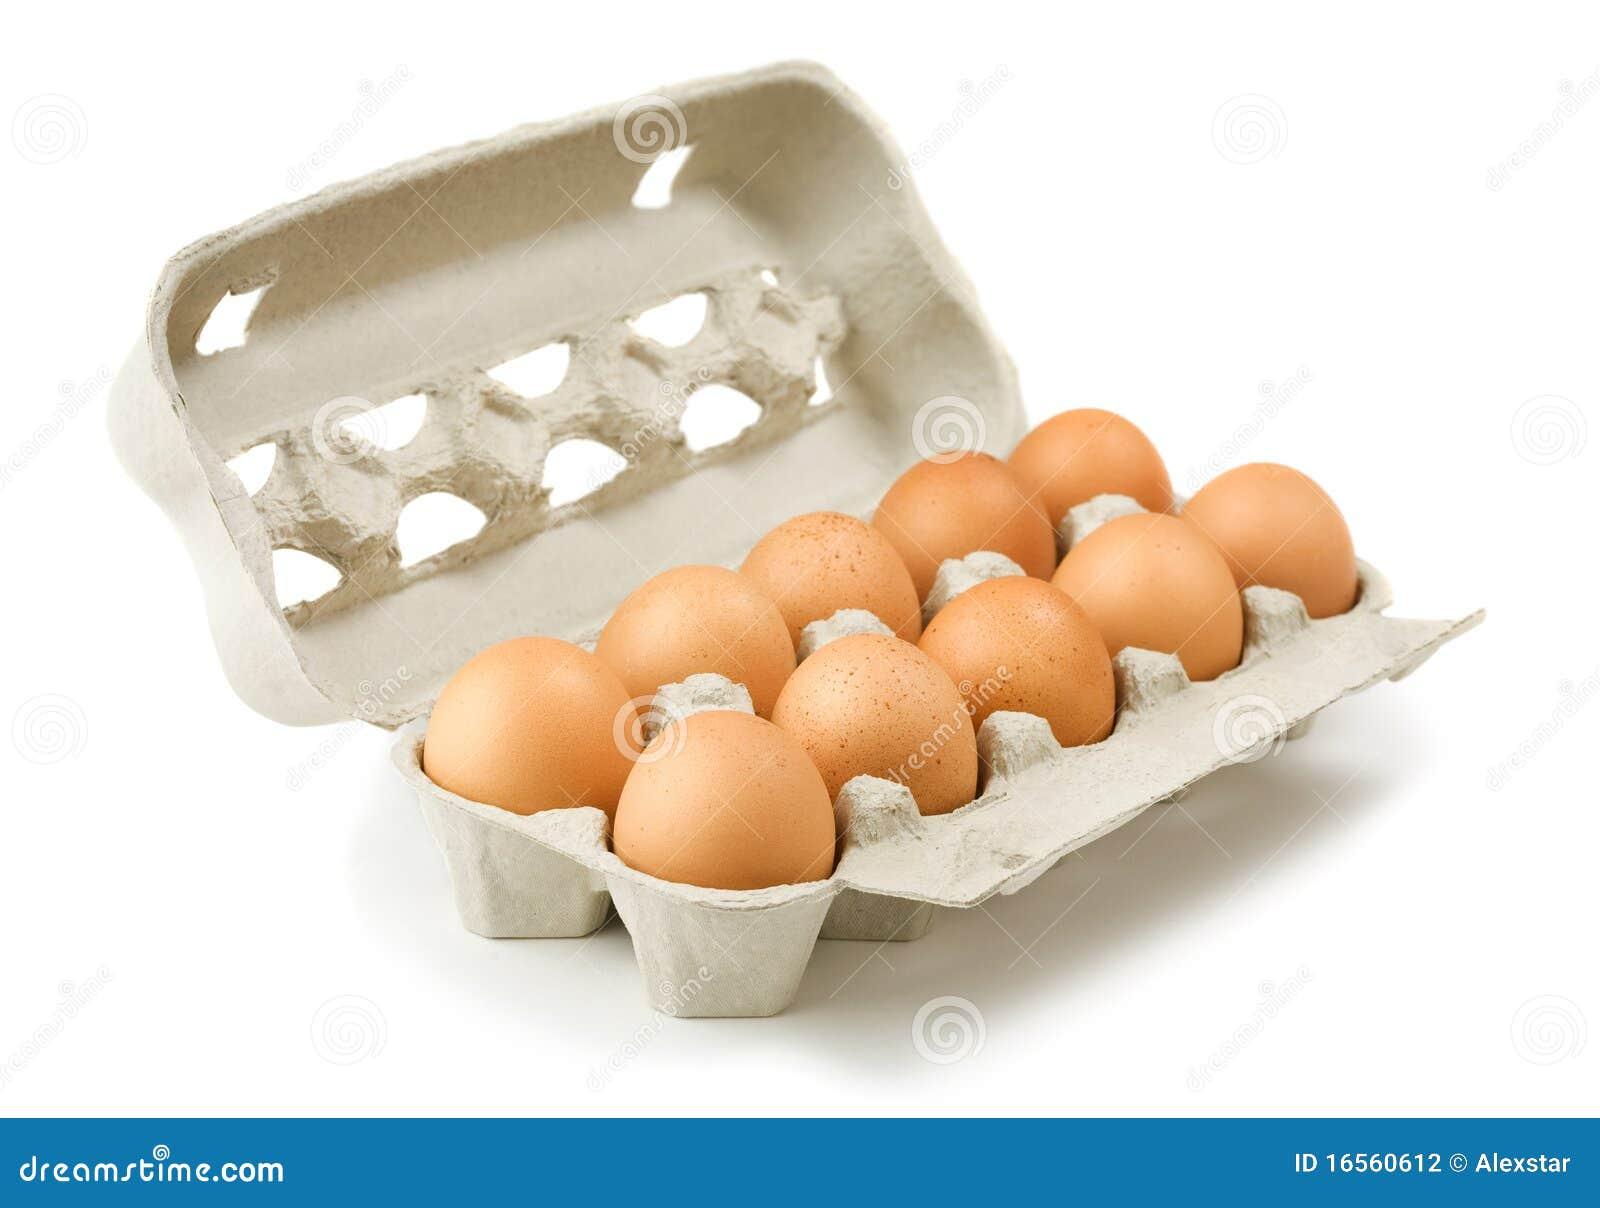 Carton of eggs stock photo image of eggs nutritious - Caja de huevo ...